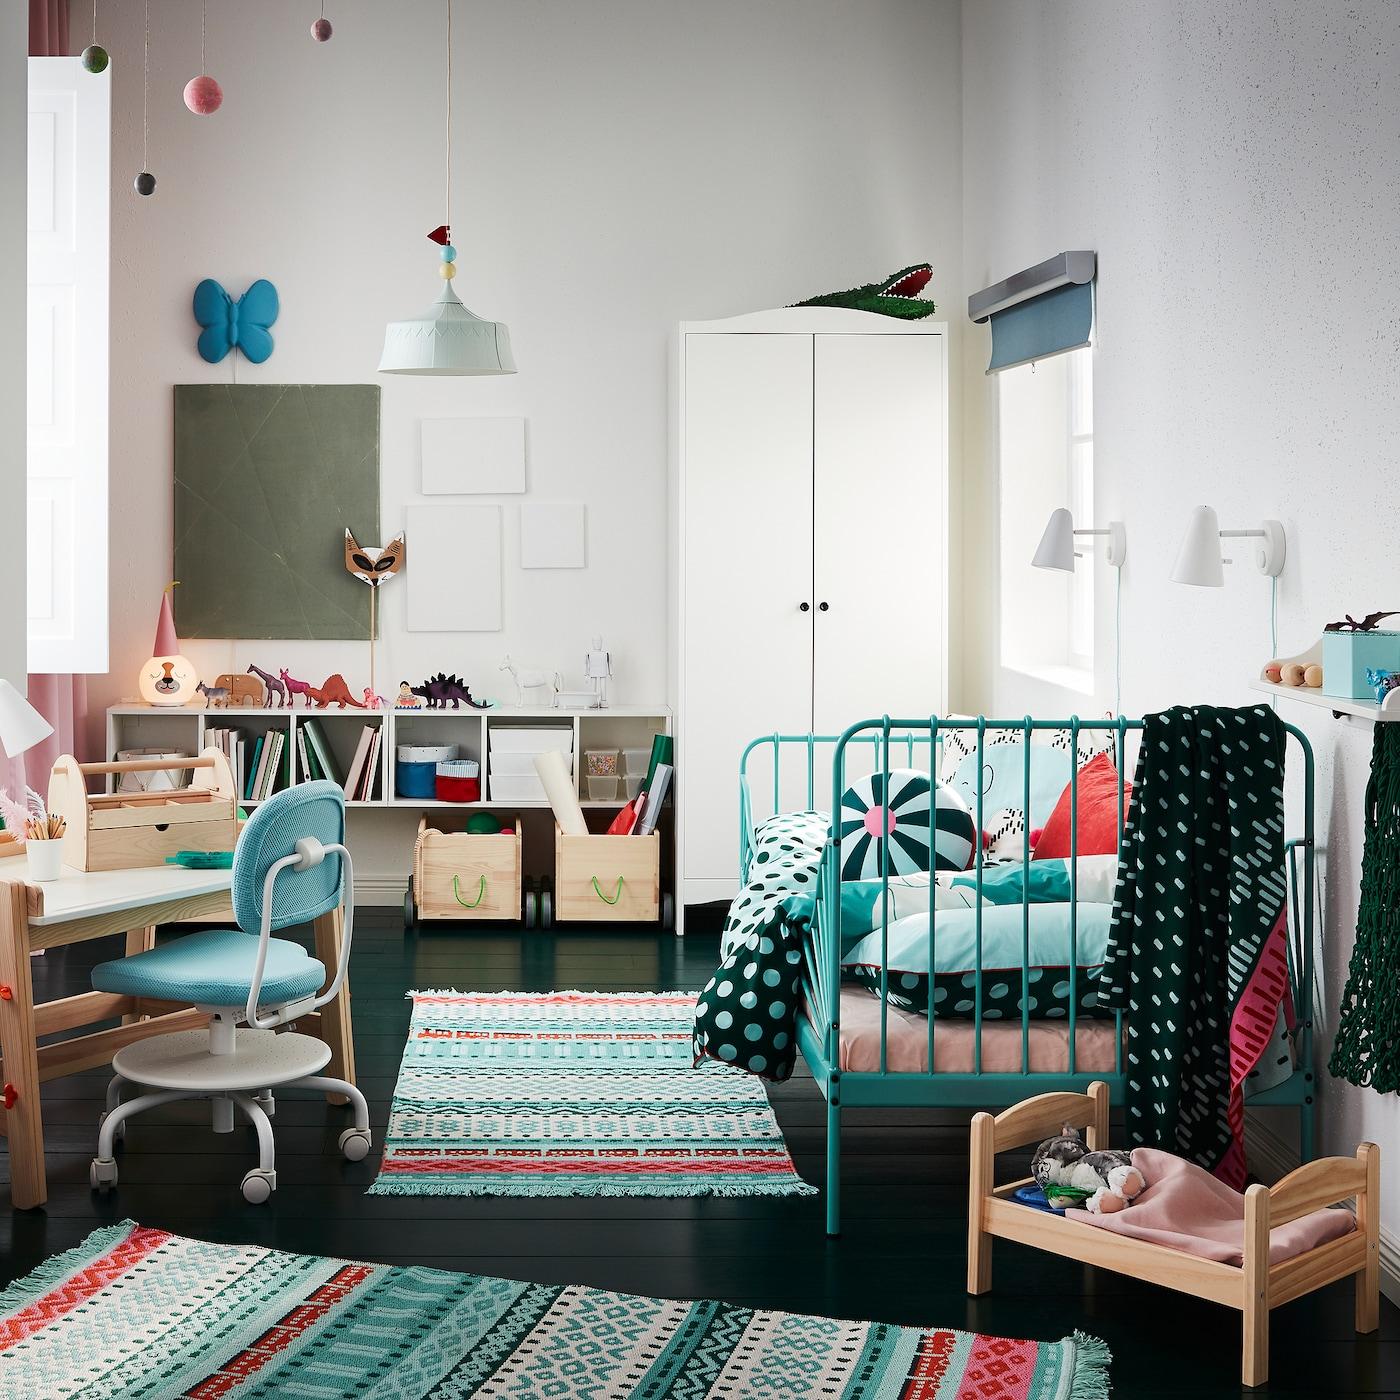 غرفة أطفال بها سجاد ملون، وهيكل سرير فيروزي، ودولابملابس أبيض، وسريردميةومكتب أطفال.